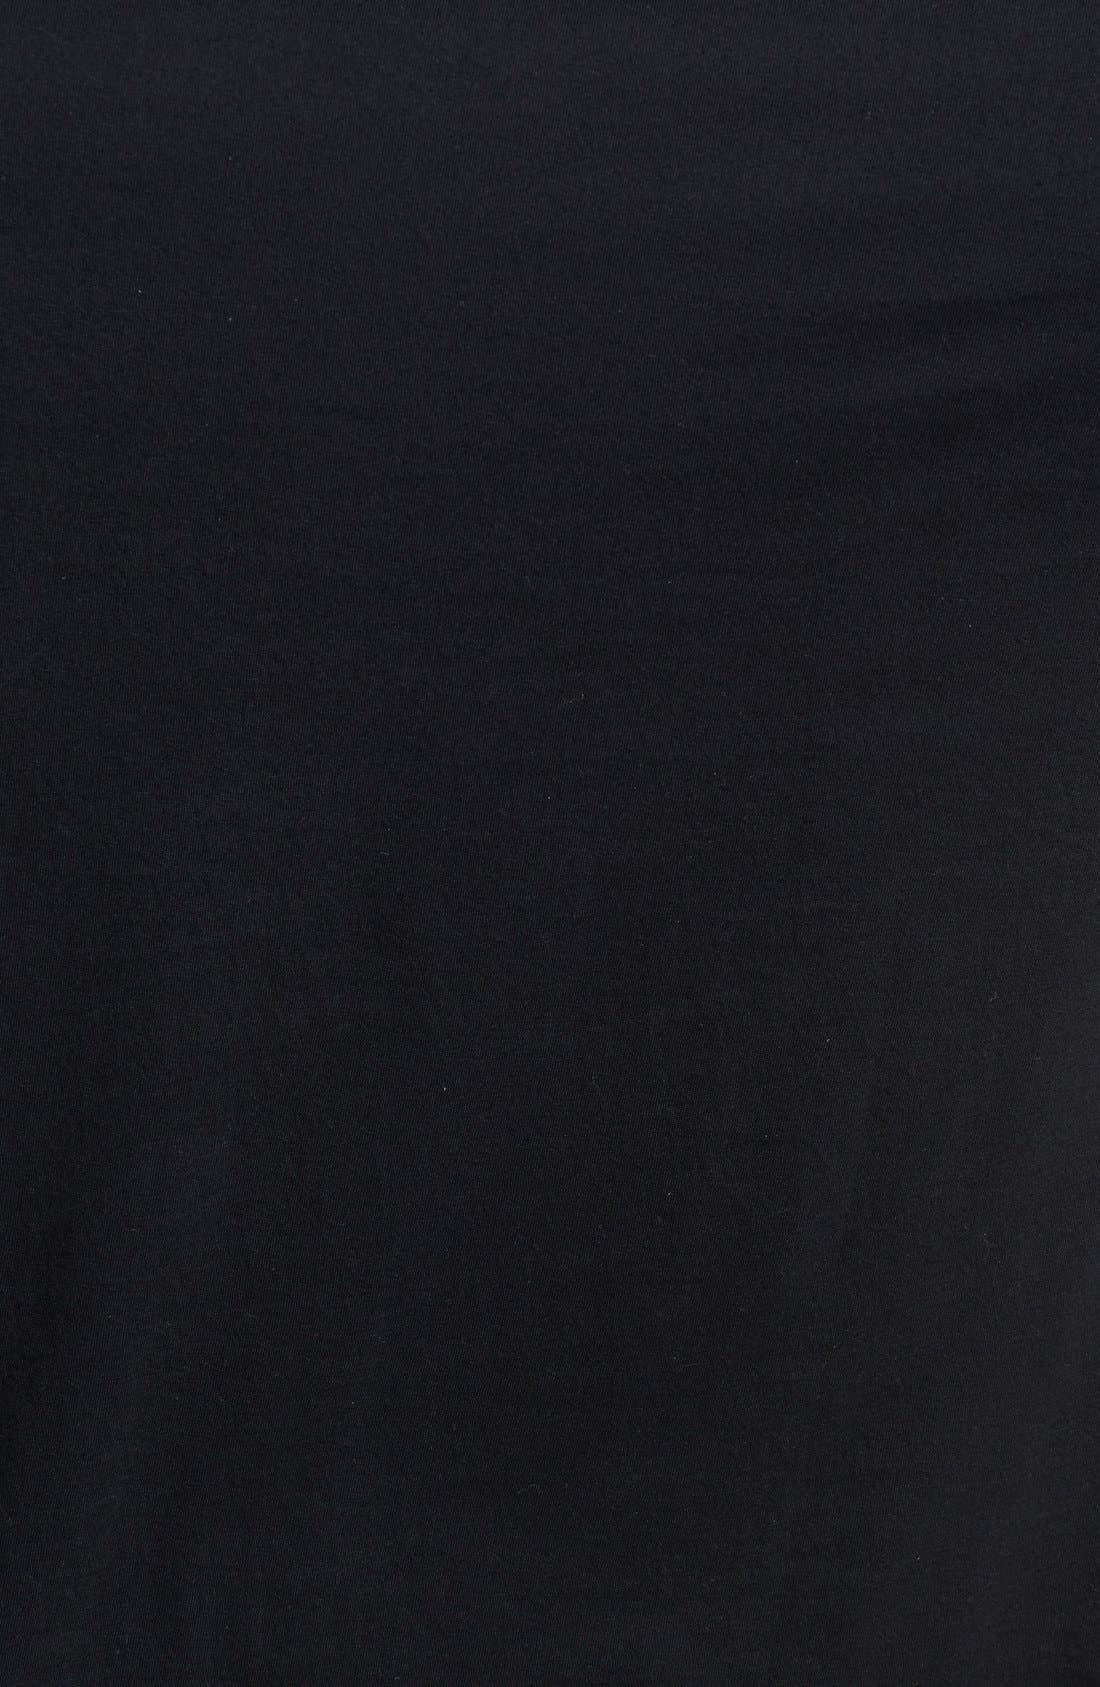 Alternate Image 3  - Red Jacket 'Diamondbacks - Brass Tack' T-Shirt (Men)